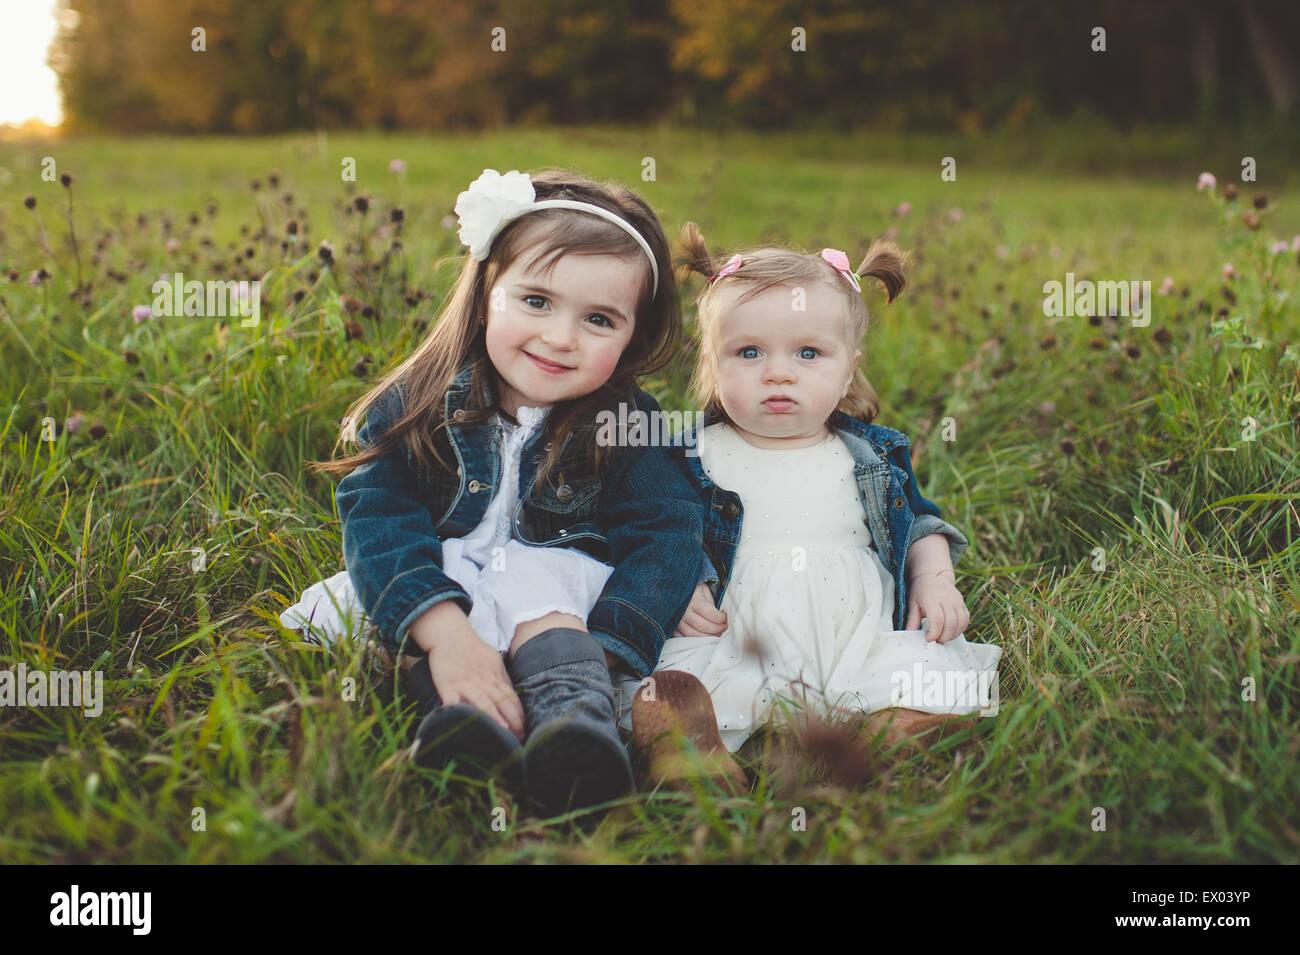 Portrait de jeune fille et petite sœur dans le champ Photo Stock